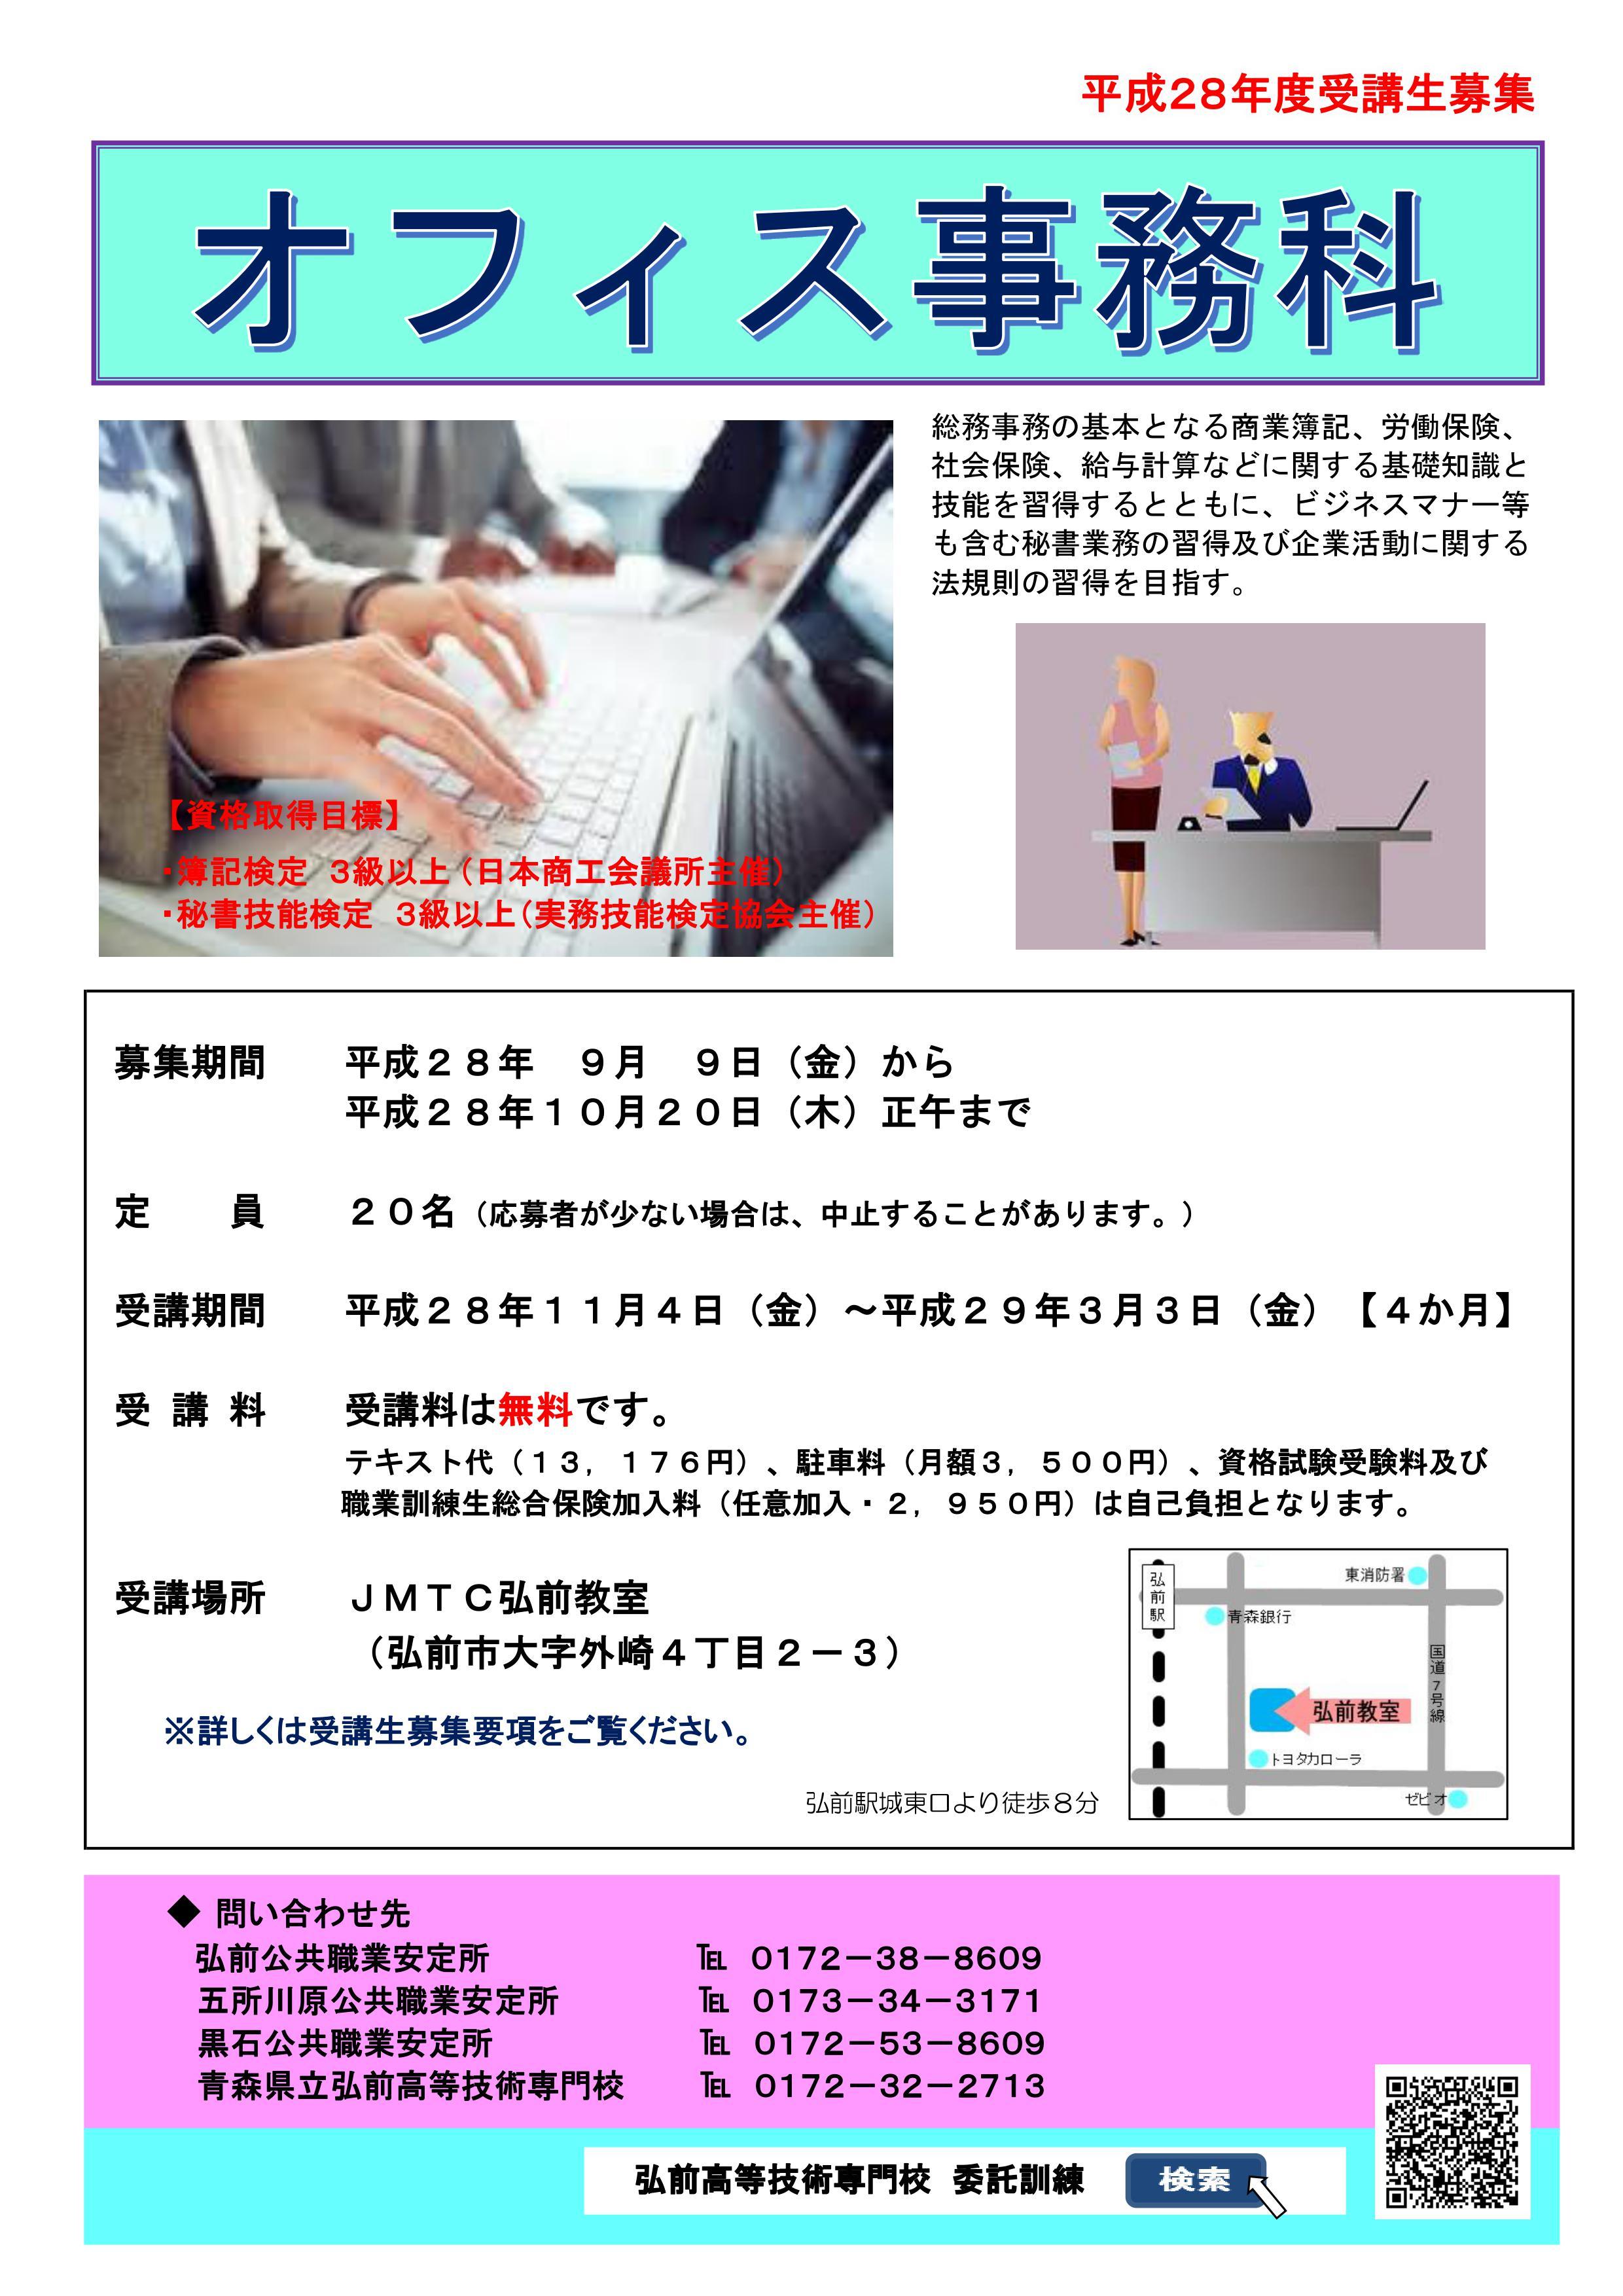 【11月開講】公共職業訓練 オフィス事務科 受講生募集!!